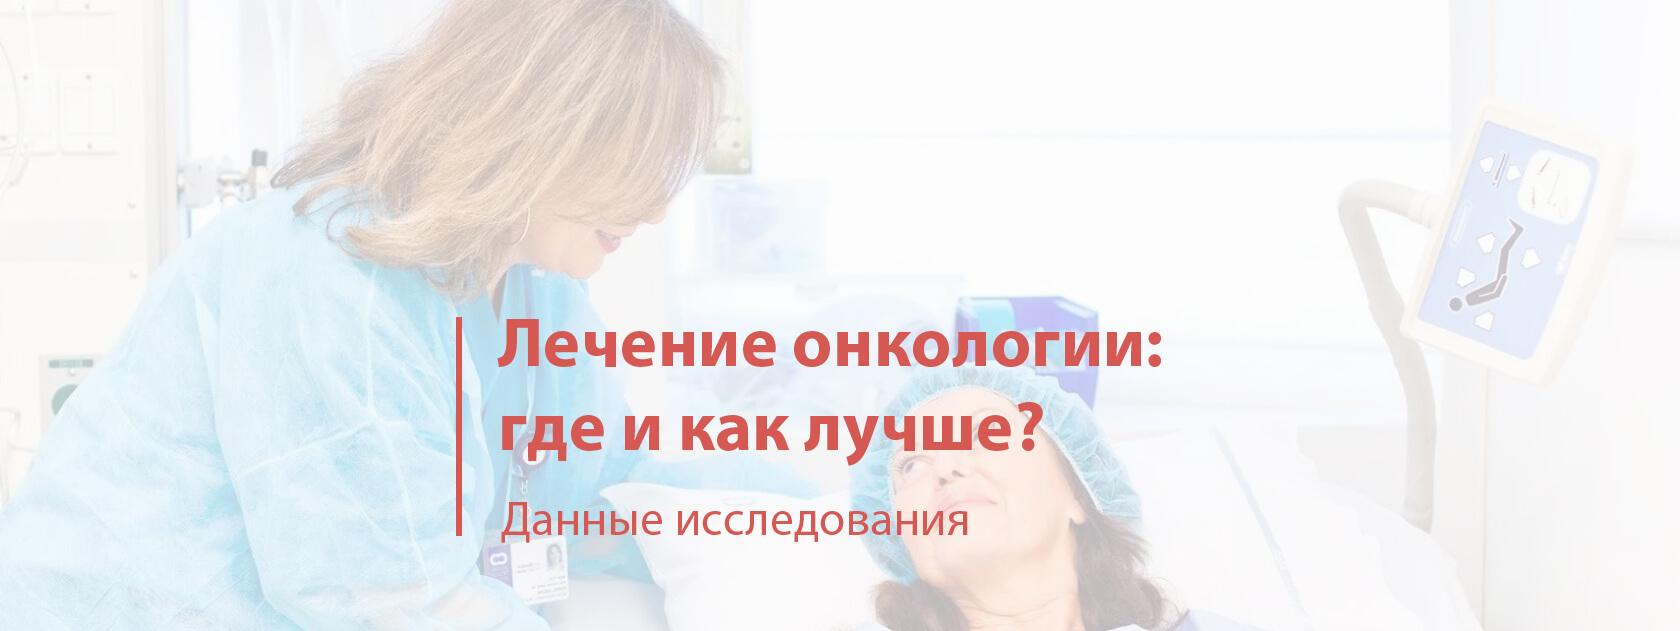 Лучшие клиники для лечения онкологии